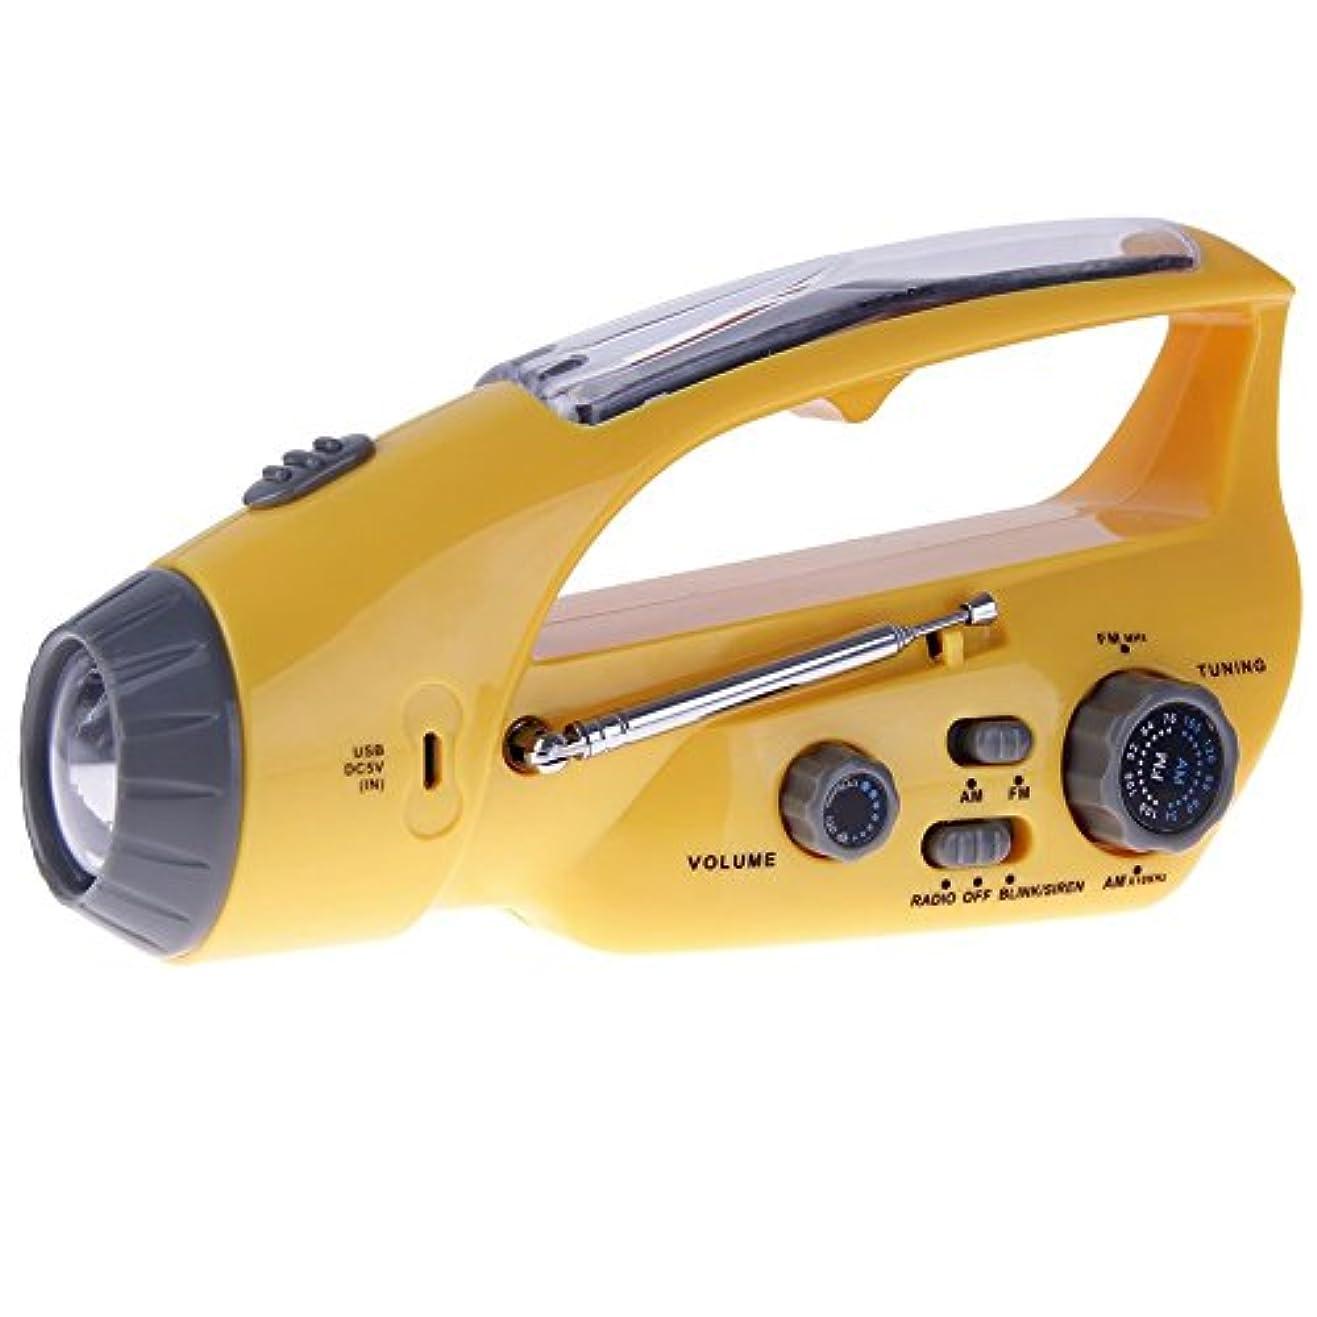 アプローチマーケティングリークCOZILAX ラジオライト FM/AM付きLED懐中電灯 ソーラー/手回し/USB充電 携帯電話/スマホ充電器 緊急アラーム 停電地震防災緊急照明 非常用ライト